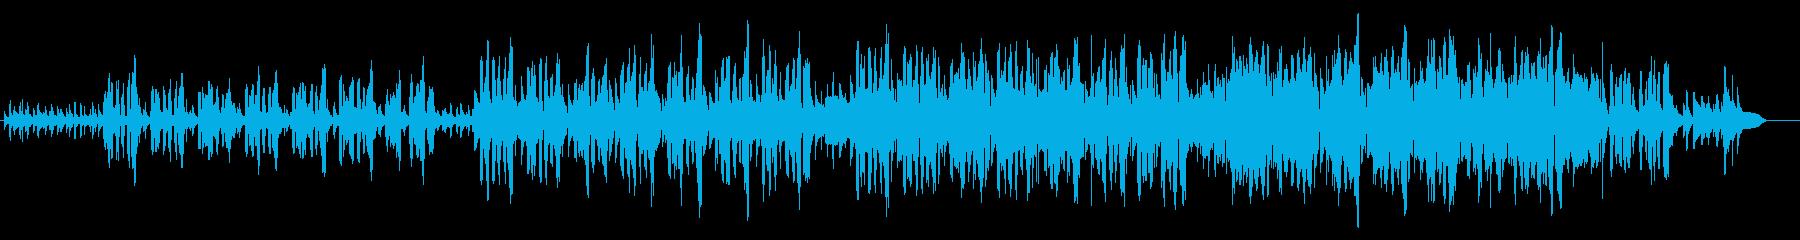 口笛が印象的な軽快なリラックスソングの再生済みの波形